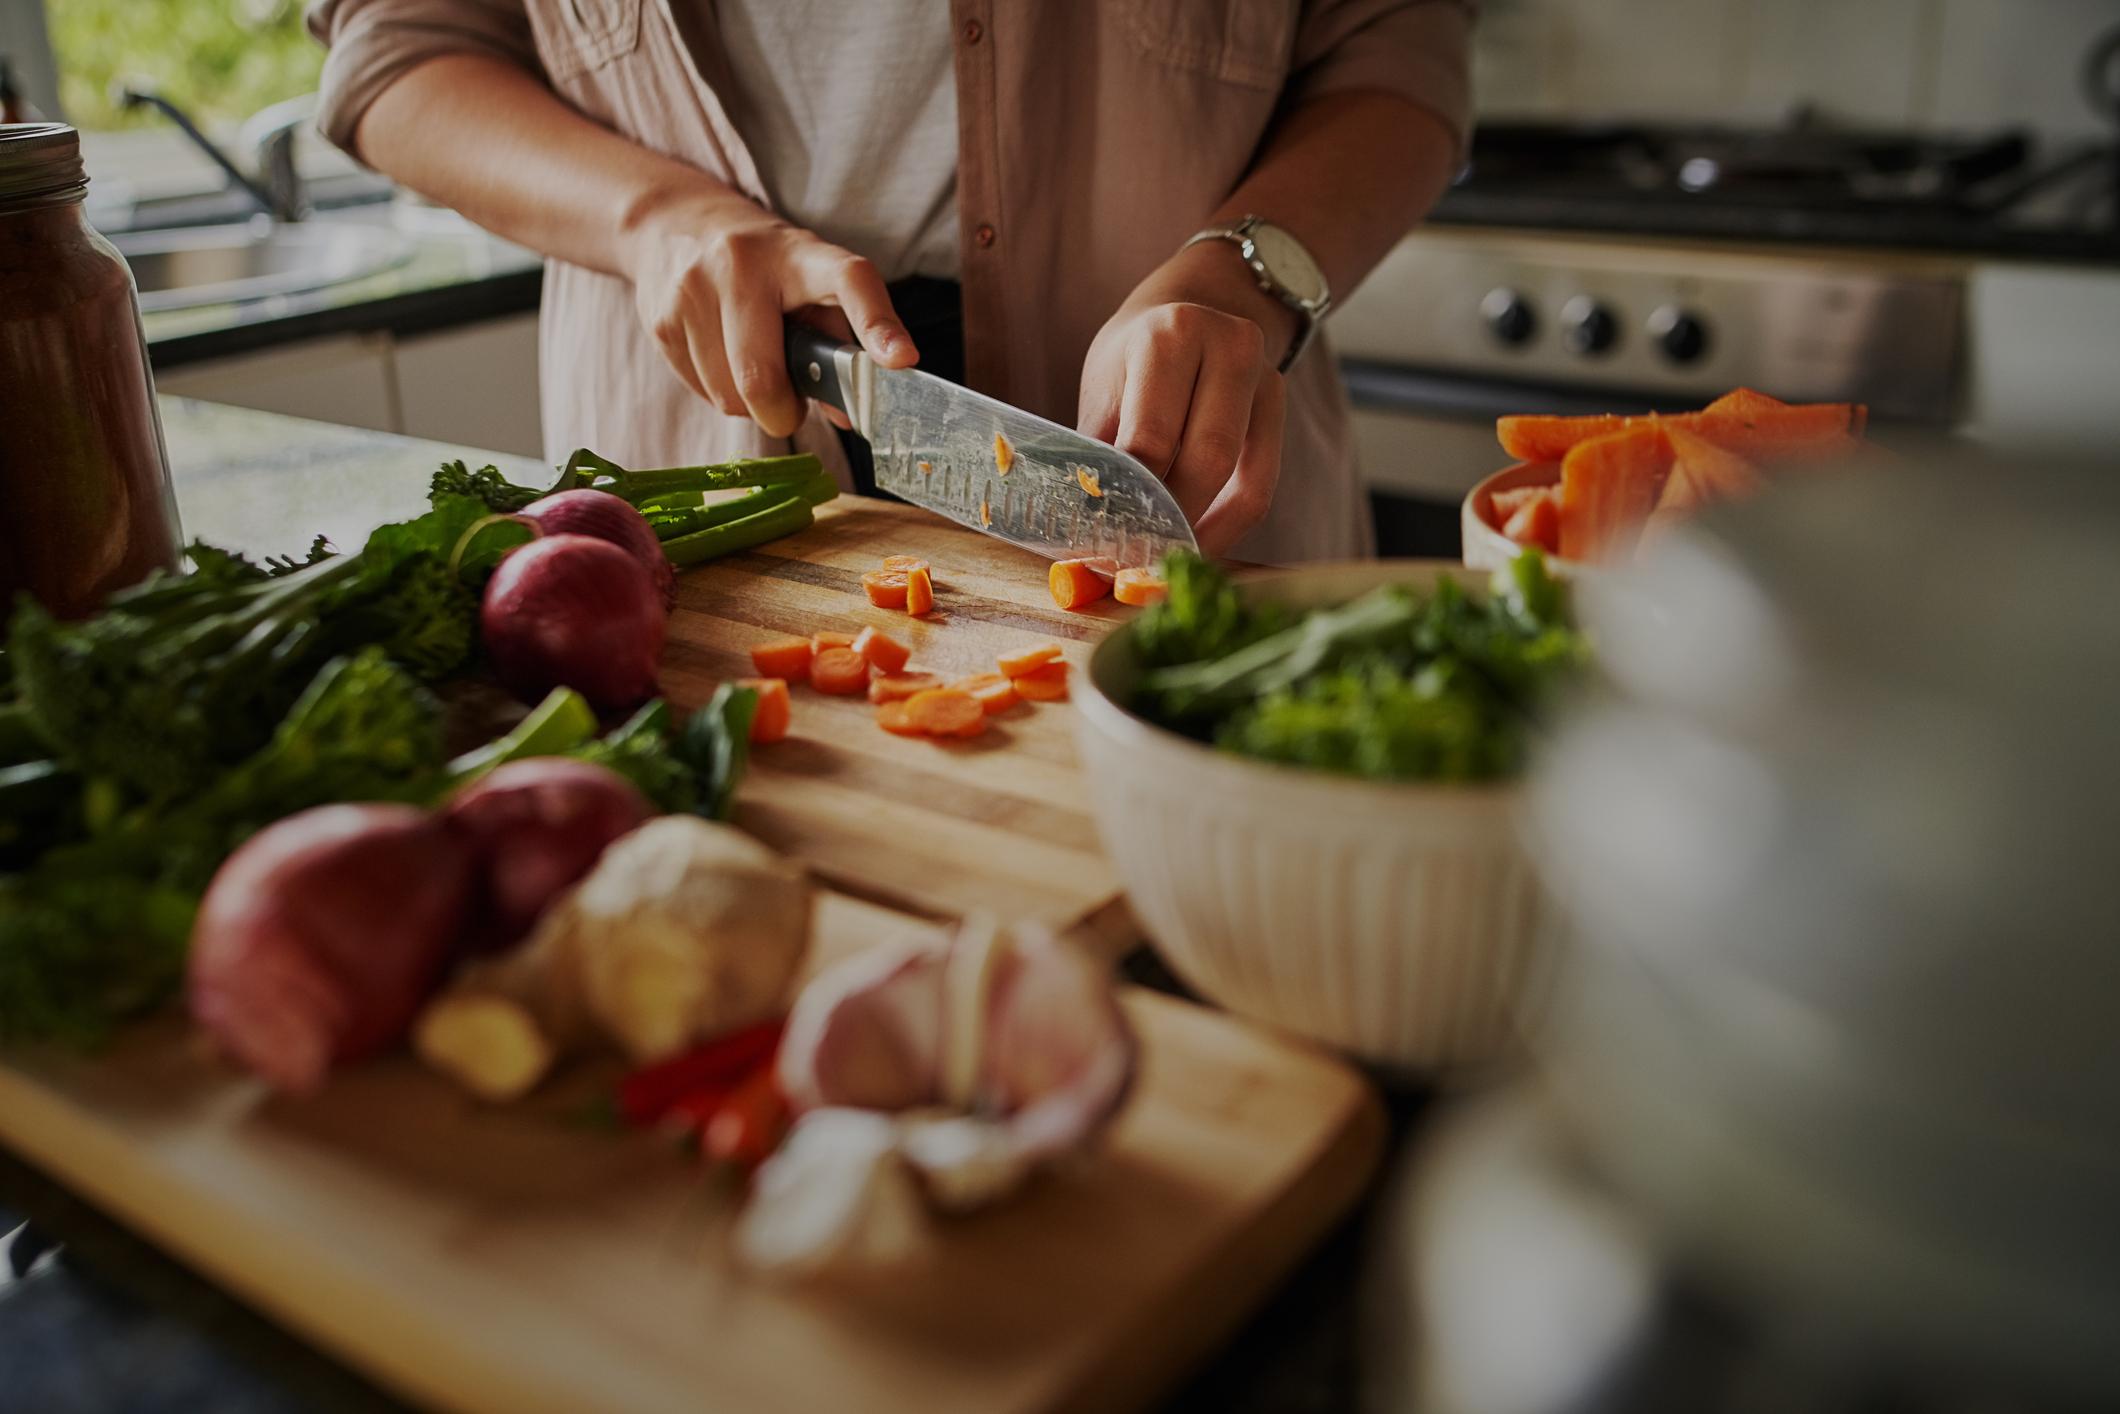 slicing fresh veggies for dinner